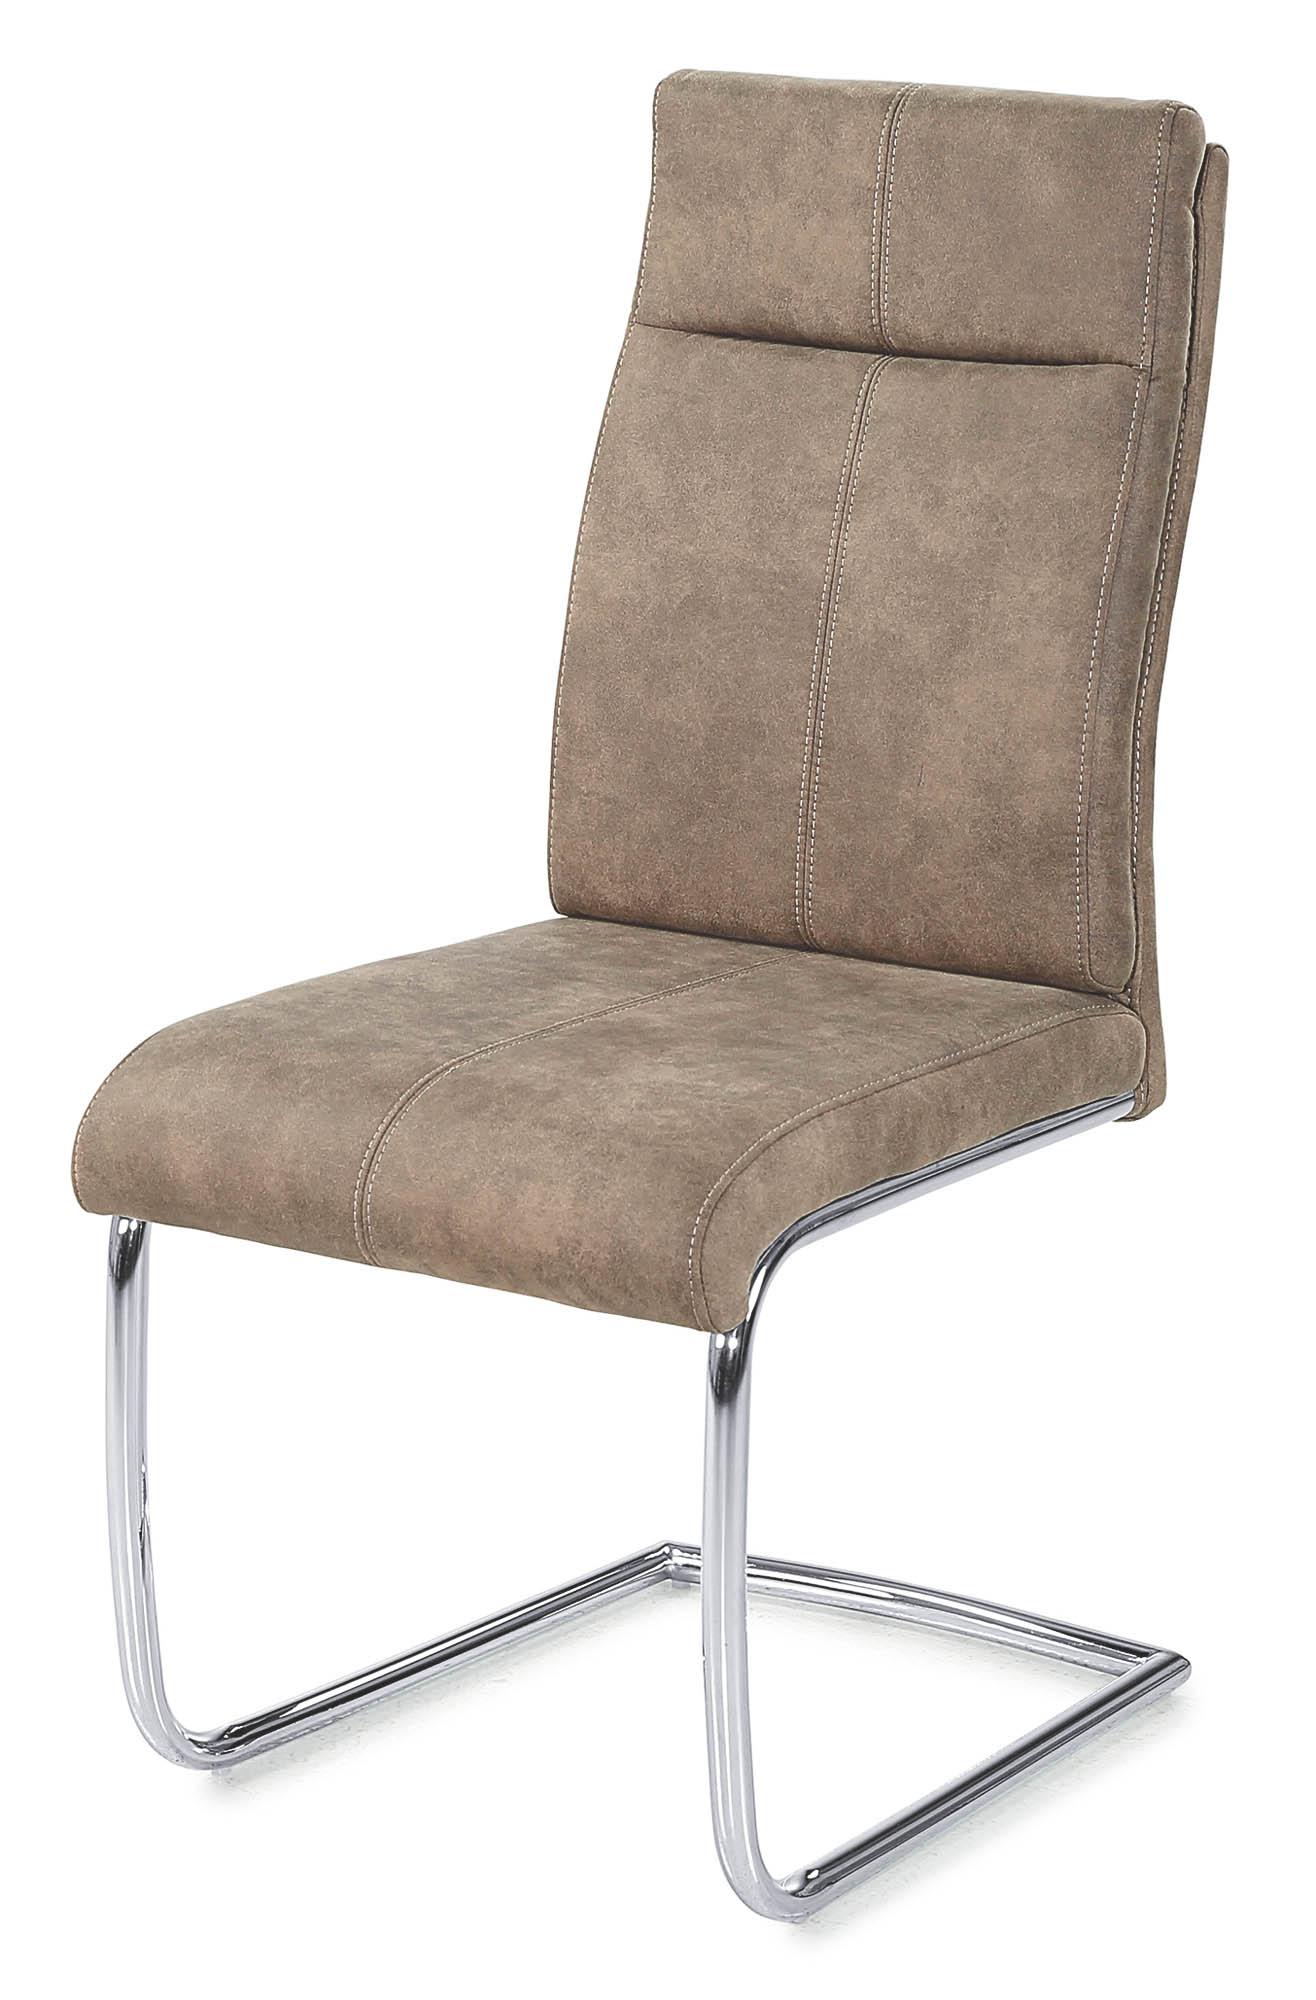 schwinger bruno st hle esszimmer sortiment pack zu. Black Bedroom Furniture Sets. Home Design Ideas